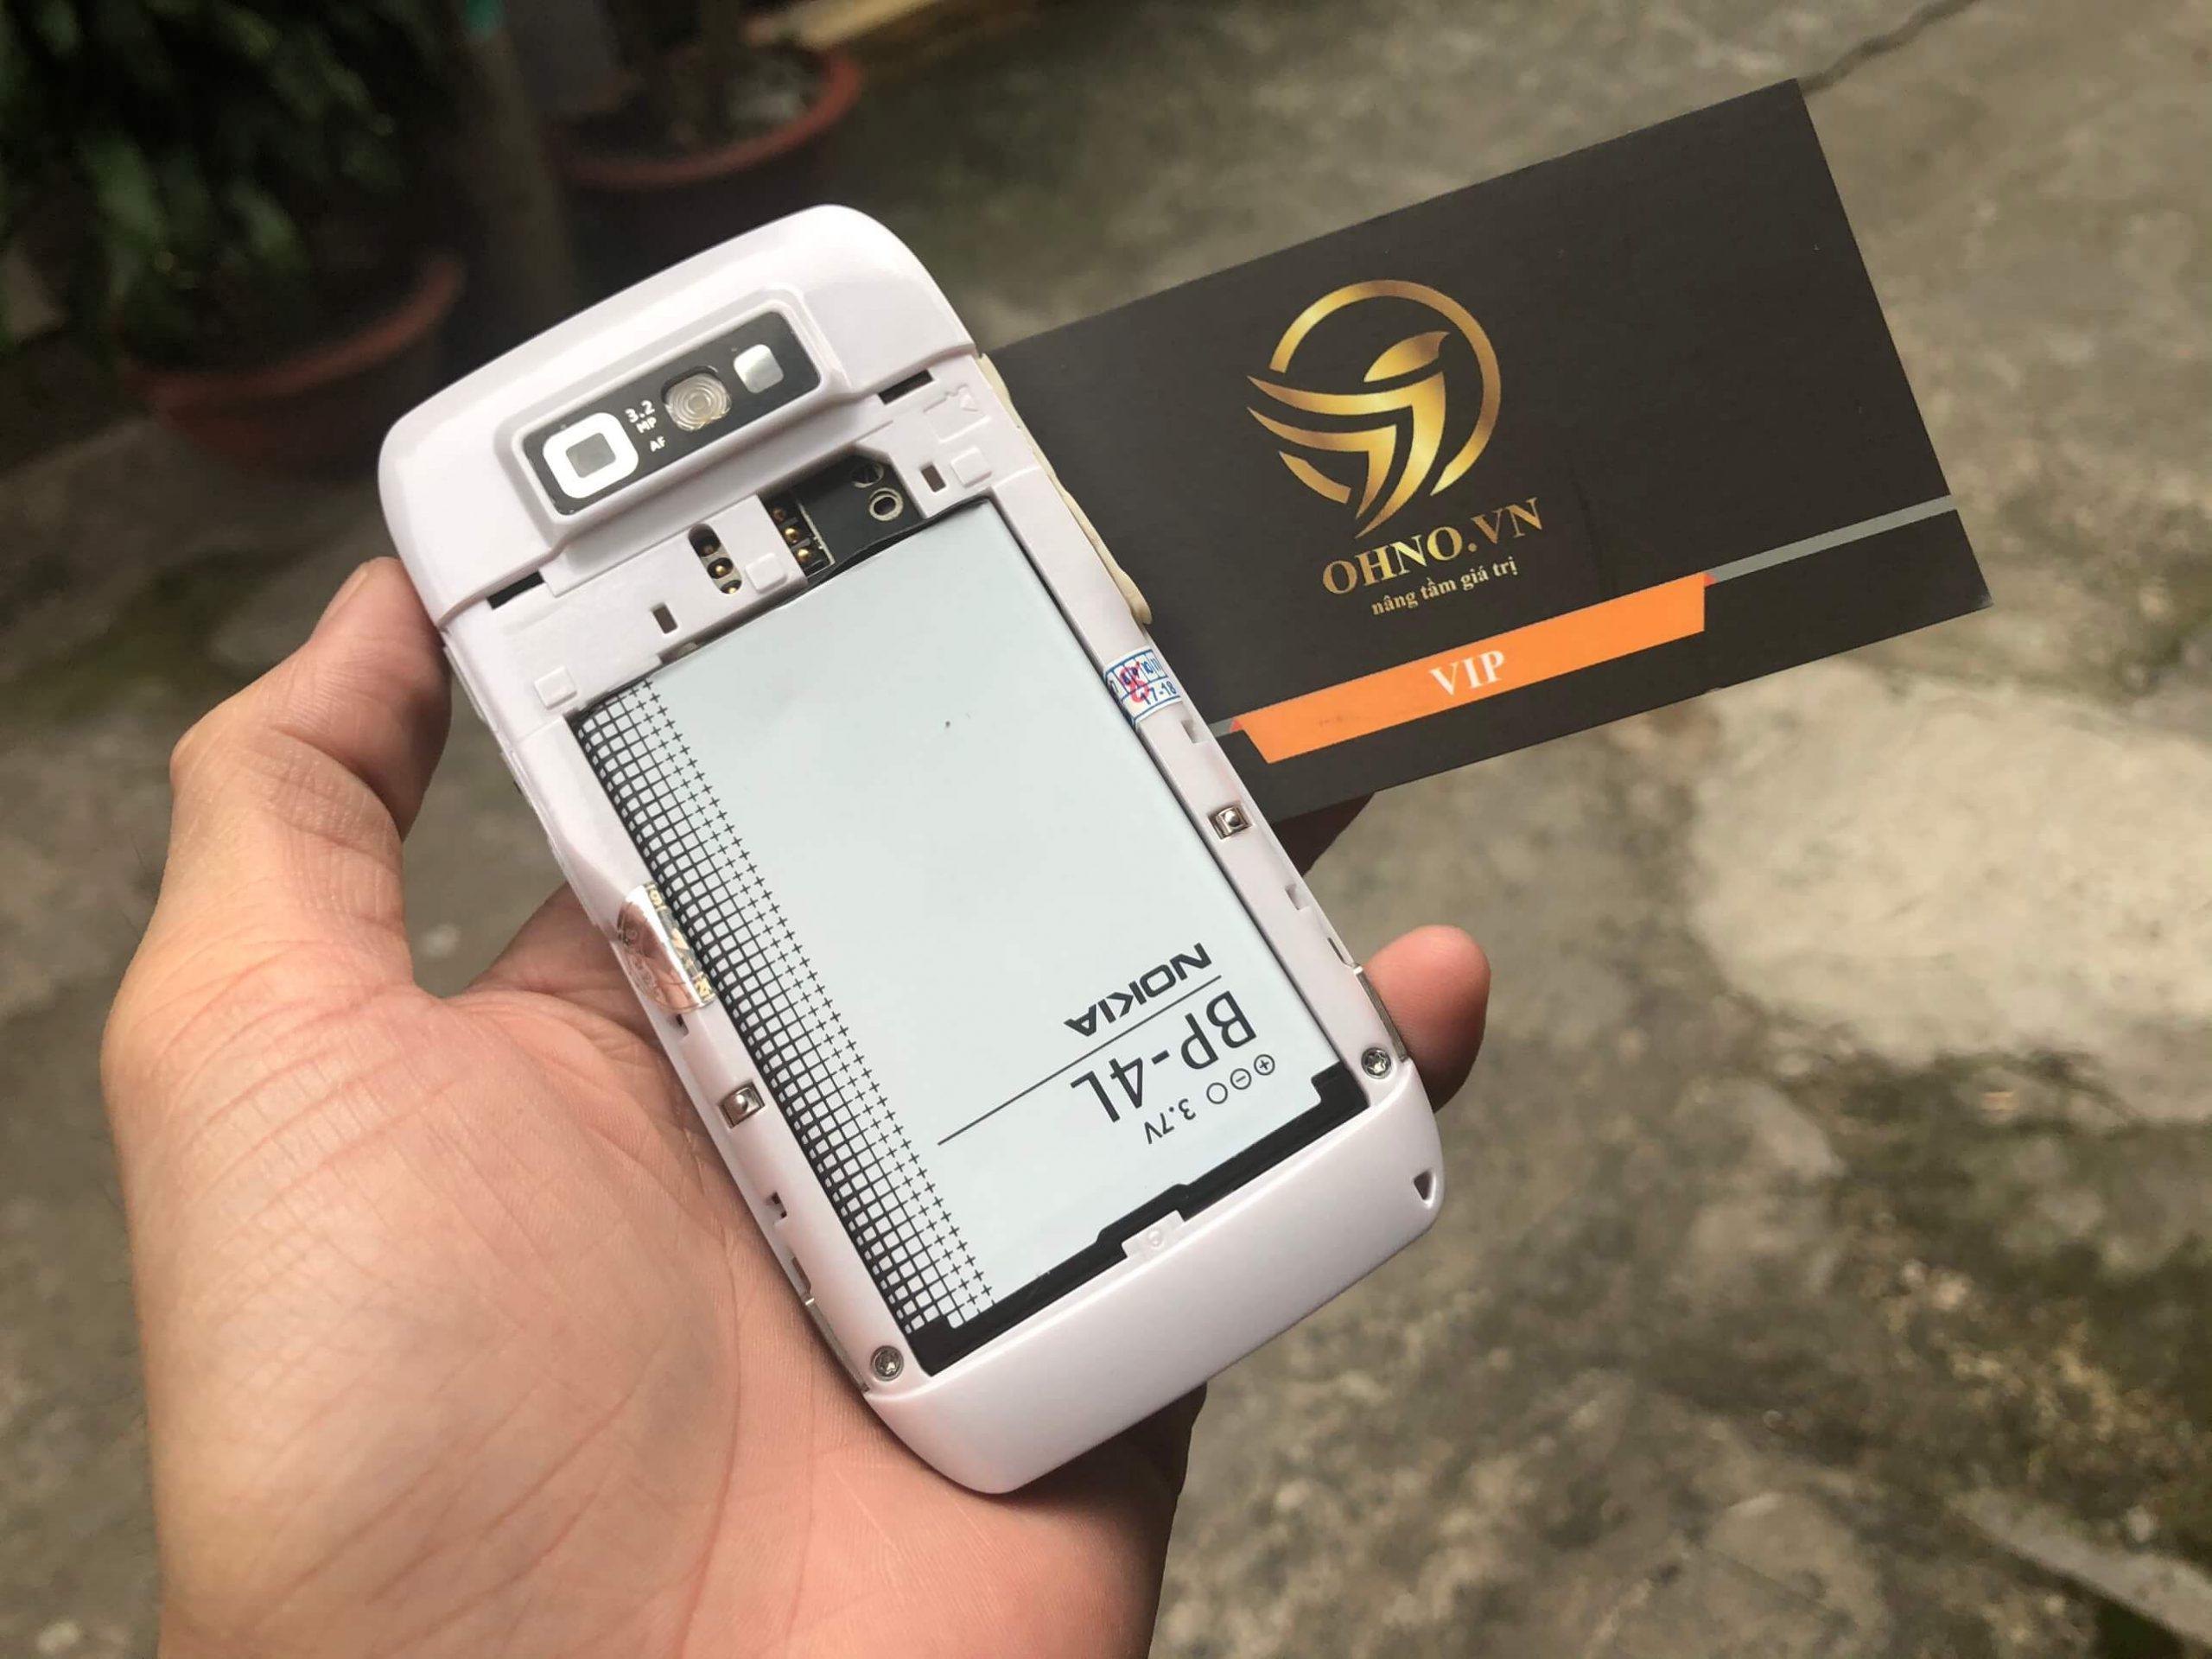 Điện thoại nokia e71 wifi cũ main zin chính hãng